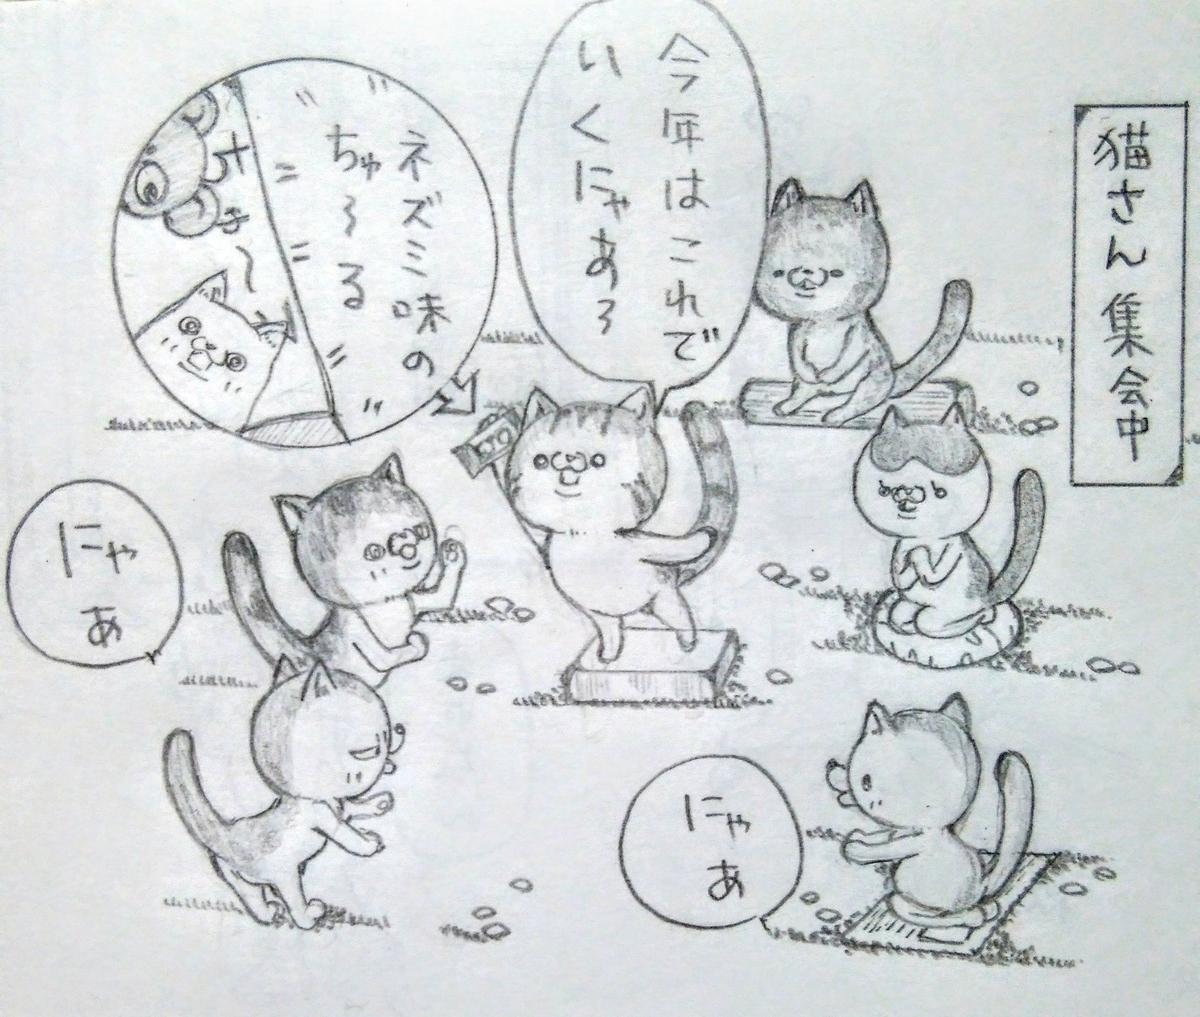 f:id:maricats:20200829141007j:plain